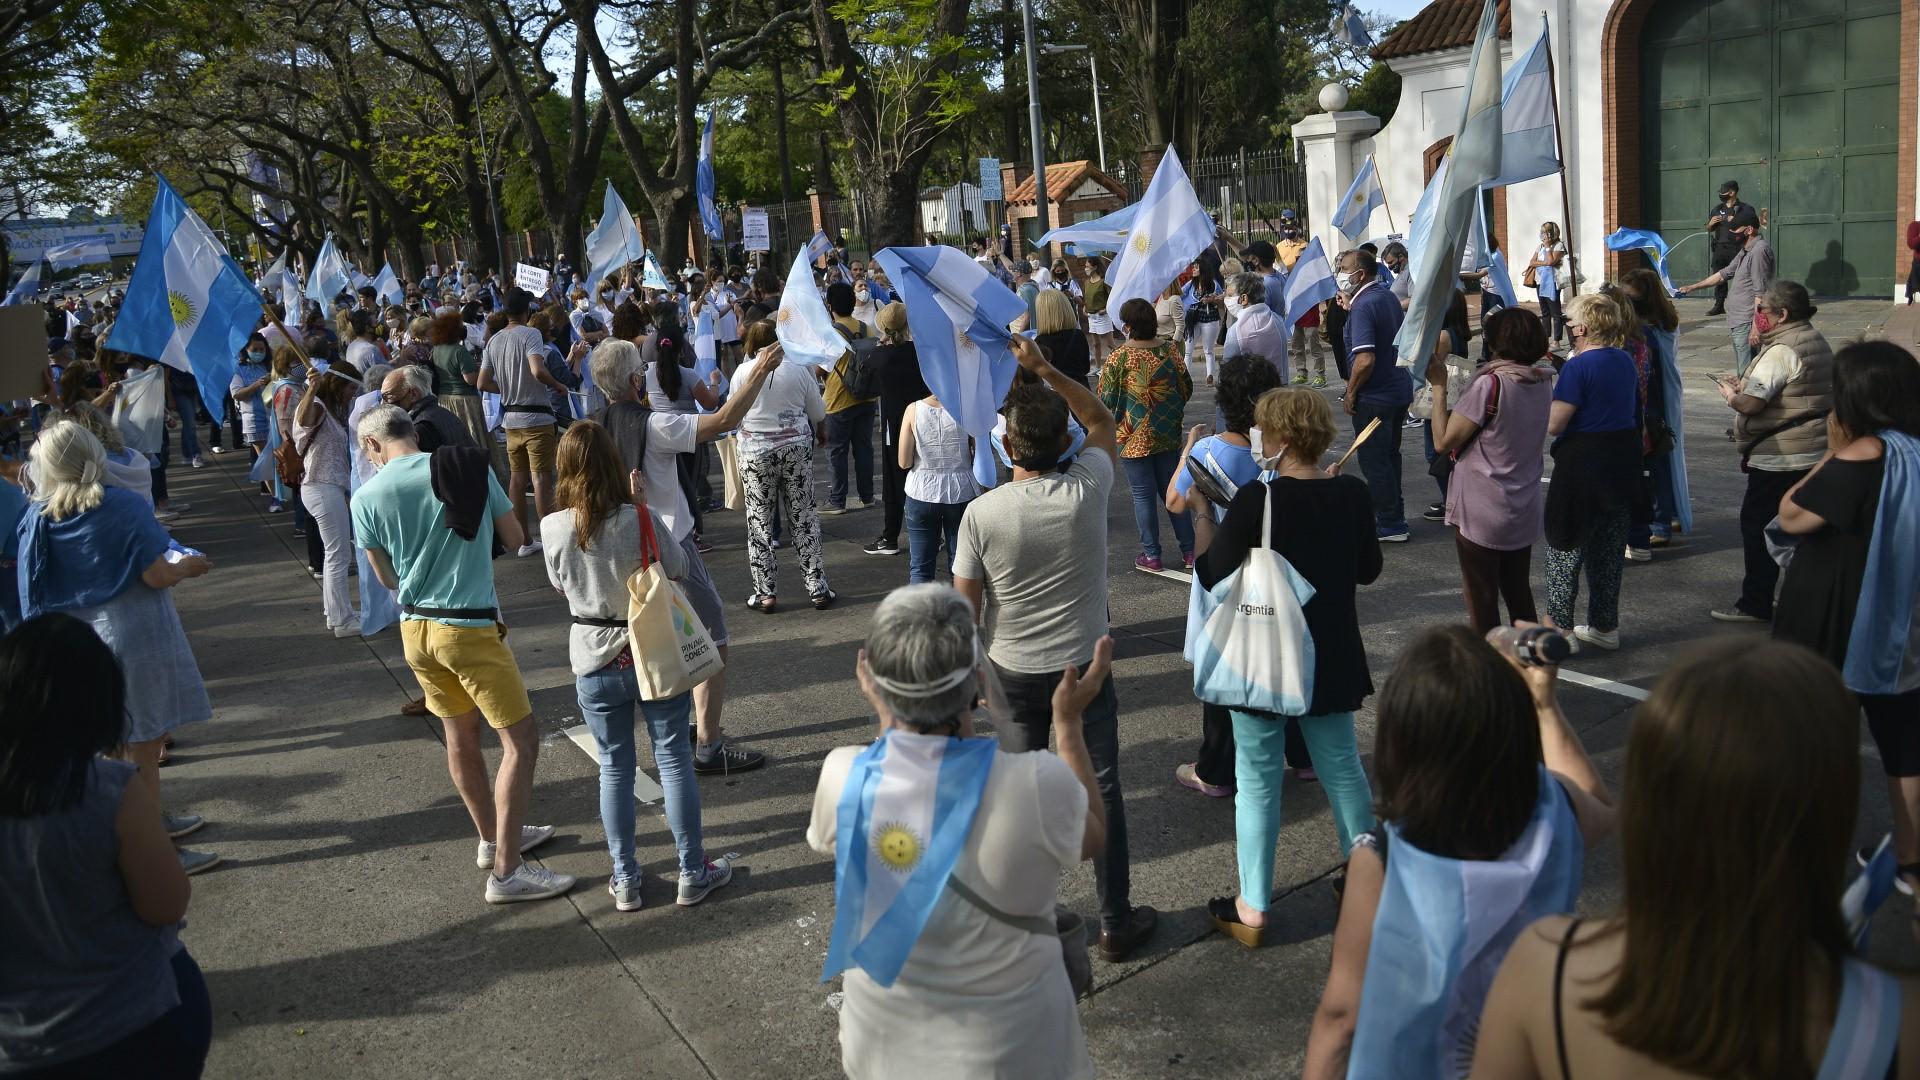 احتجاجات واسعة ضد الحكومة الارجنتينية